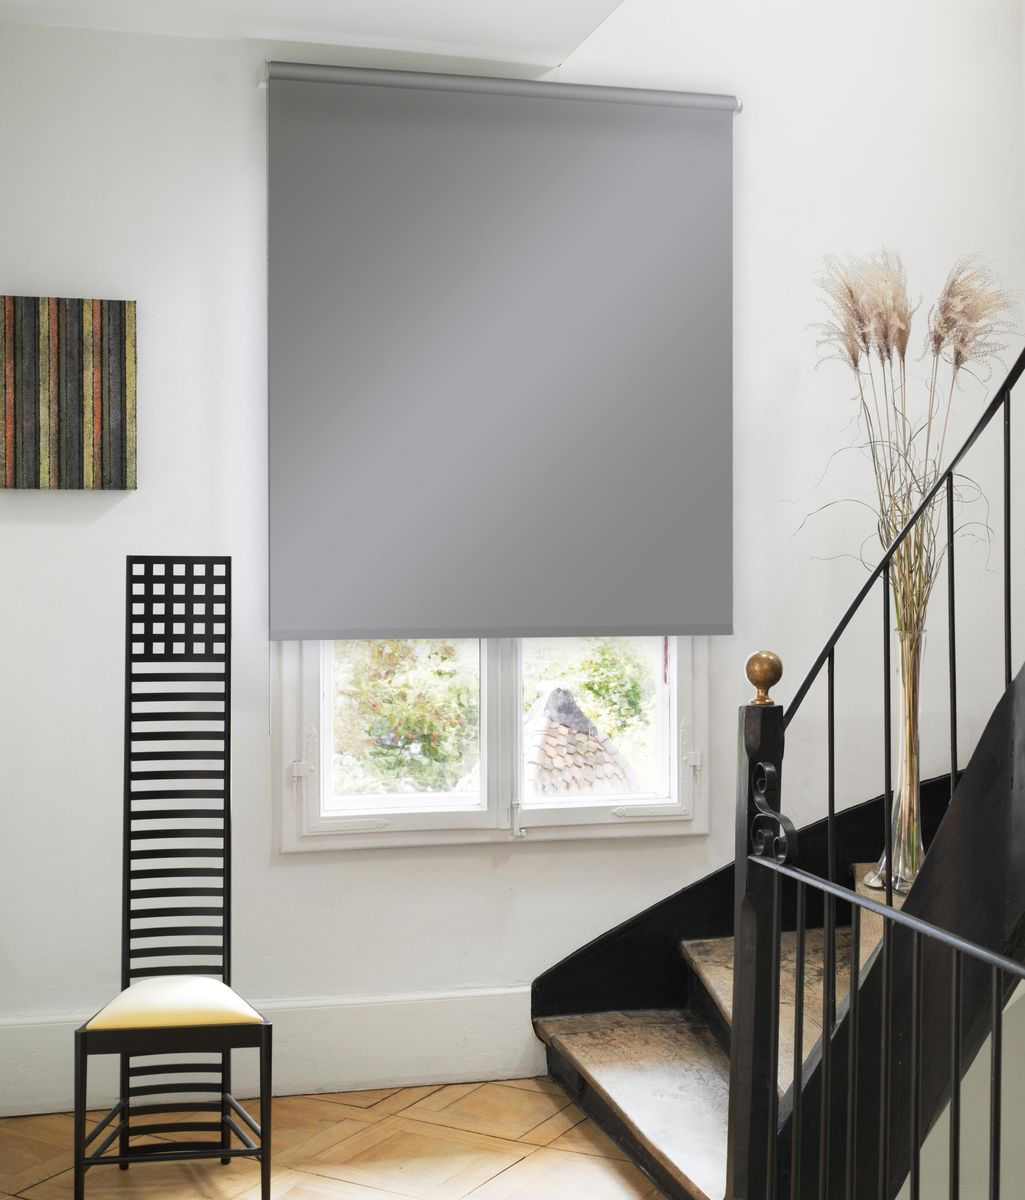 Штора рулонная Эскар, цвет: серый, ширина 160 см, высота 170 см81020160170Рулонными шторами Эскар можно оформлять окна как самостоятельно, так и использовать в комбинации с портьерами. Это поможет предотвратить выгорание дорогой ткани на солнце и соединит функционал рулонных с красотой навесных. Преимущества применения рулонных штор для пластиковых окон: - имеют прекрасный внешний вид: многообразие и фактурность материала изделия отлично смотрятся в любом интерьере;- многофункциональны: есть возможность подобрать шторы способные эффективно защитить комнату от солнца, при этом она не будет слишком темной;- есть возможность осуществить быстрый монтаж.ВНИМАНИЕ! Размеры ширины изделия указаны по ширине ткани! Во время эксплуатации не рекомендуется полностью разматывать рулон, чтобы не оторвать ткань от намоточного вала. В случае загрязнения поверхности ткани, чистку шторы проводят одним из способов, в зависимости от типа загрязнения:легкое поверхностное загрязнение можно удалить при помощи канцелярского ластика;чистка от пыли производится сухим методом при помощи пылесоса с мягкой щеткой-насадкой;для удаления пятна используйте мягкую губку с пенообразующим неагрессивным моющим средством или пятновыводитель на натуральной основе (нельзя применять растворители).